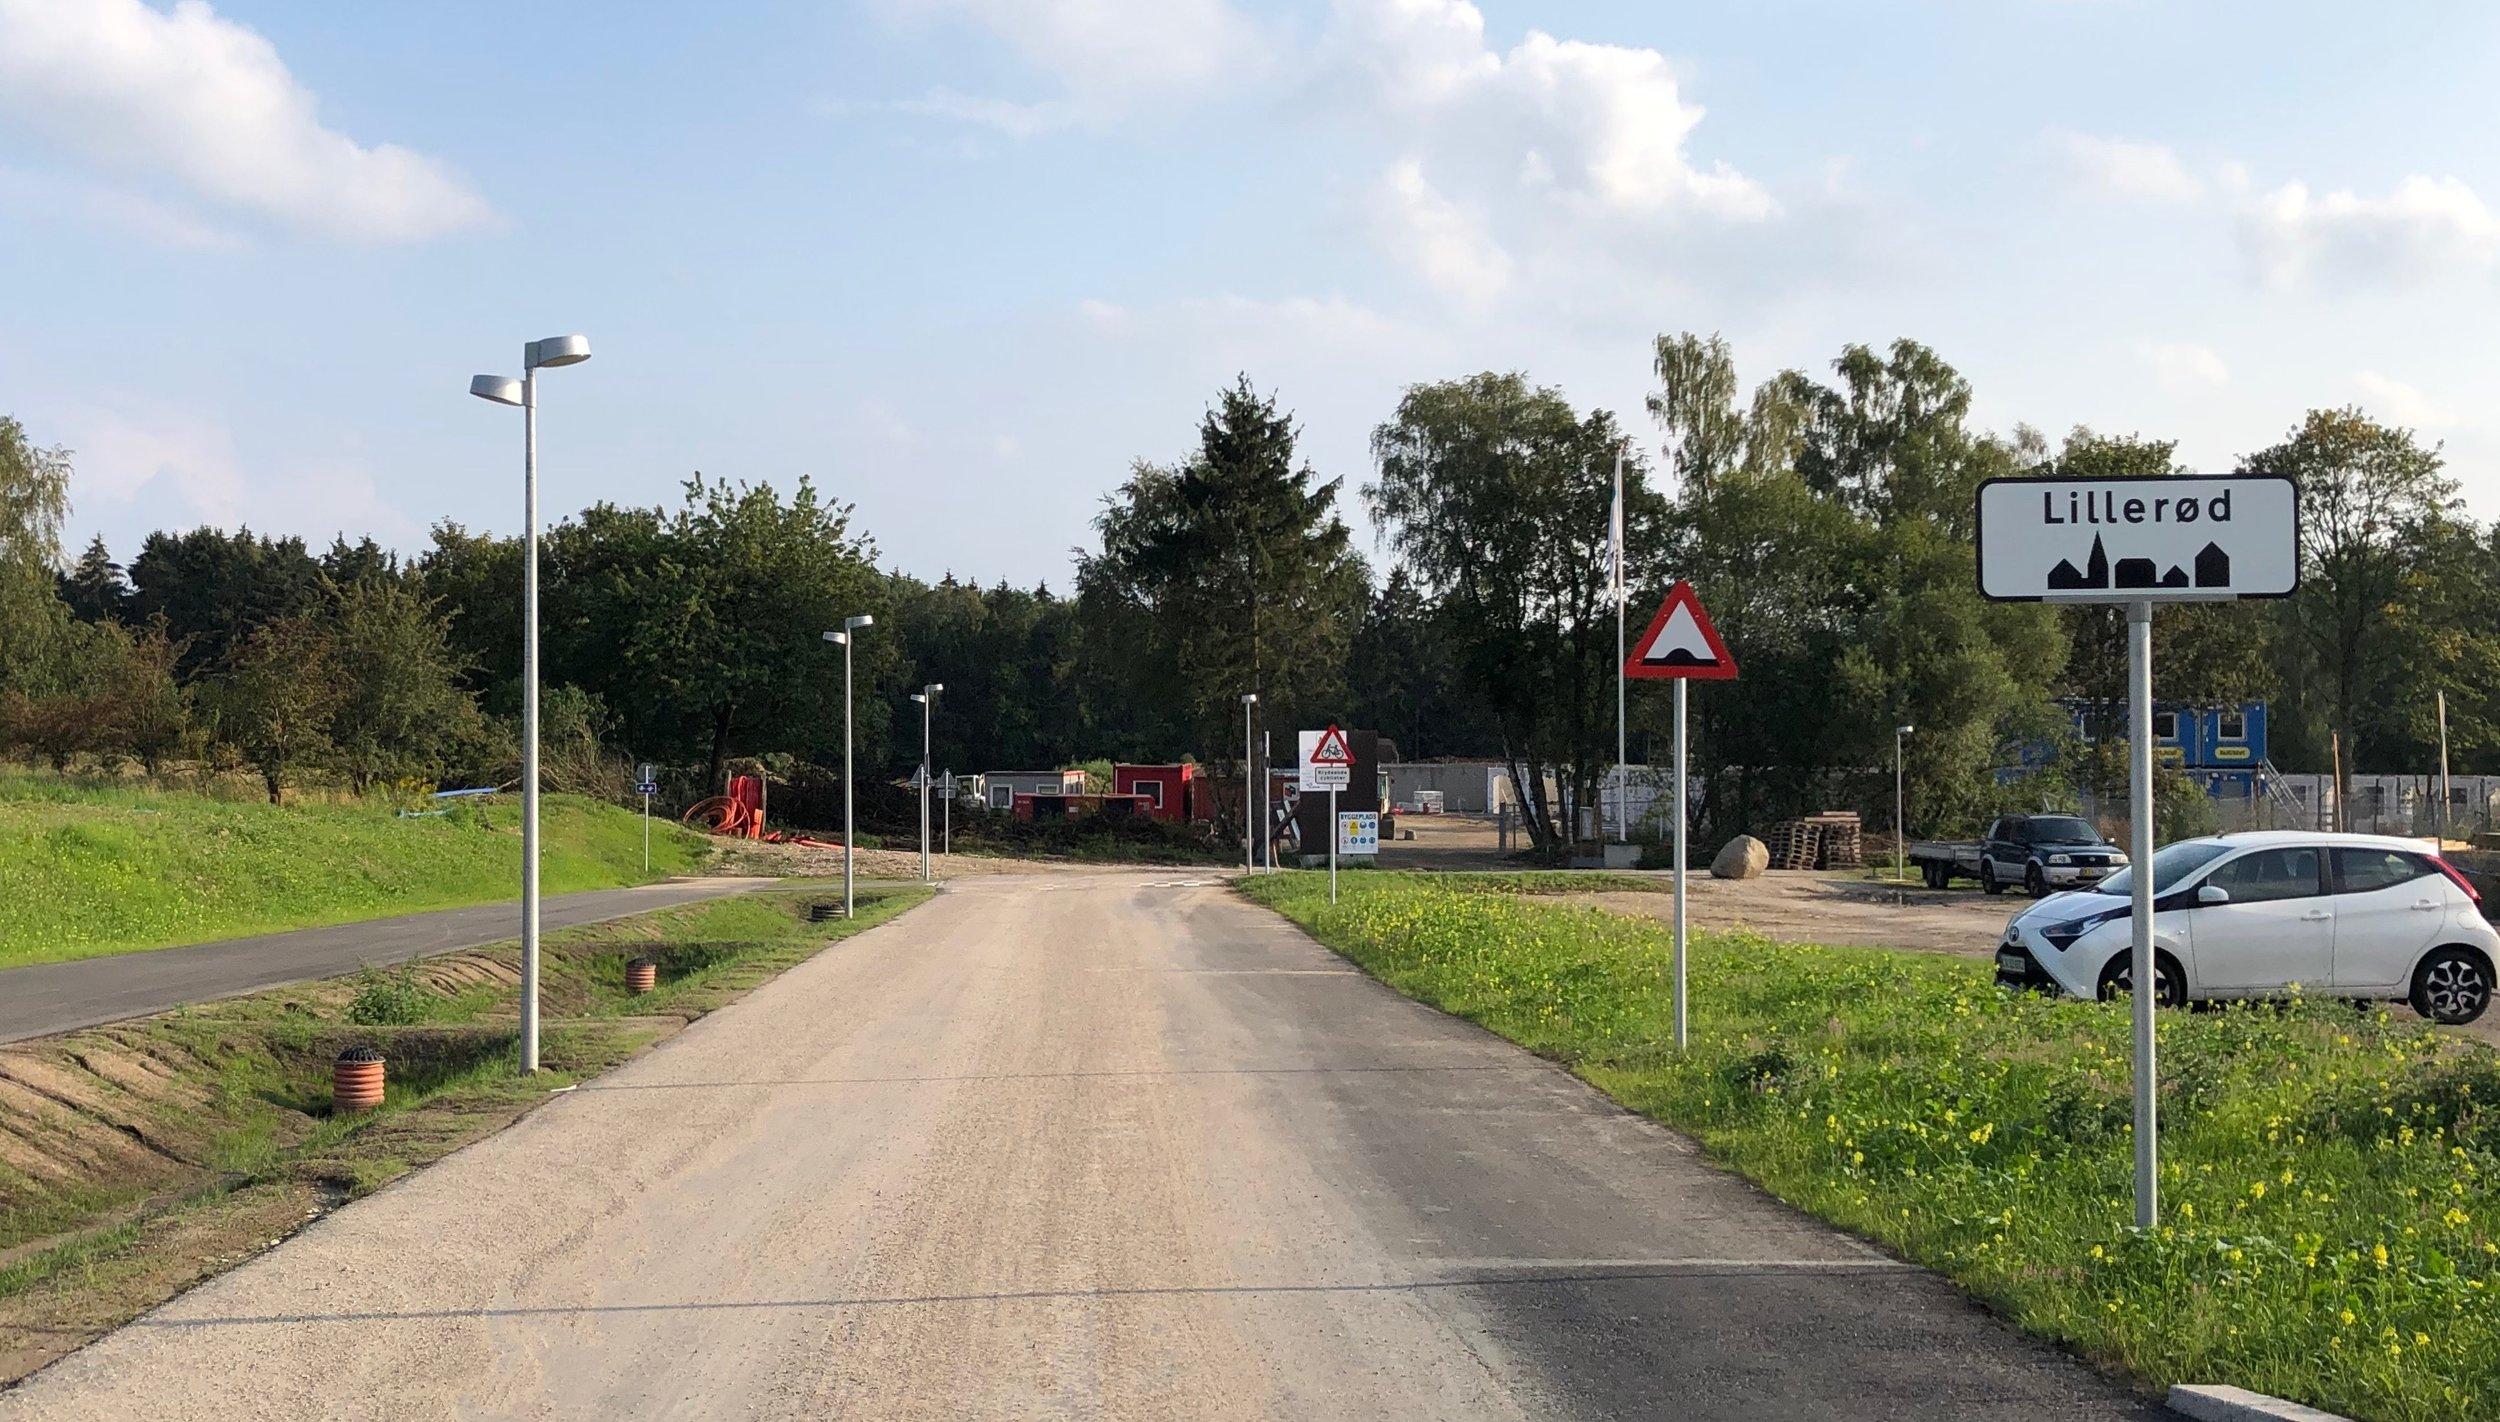 Det nye byskilt til teglskovsbyggeriet fortæller, at disse huse ikke ligger i Blovstrød men i Lillerød. Foto: AOB